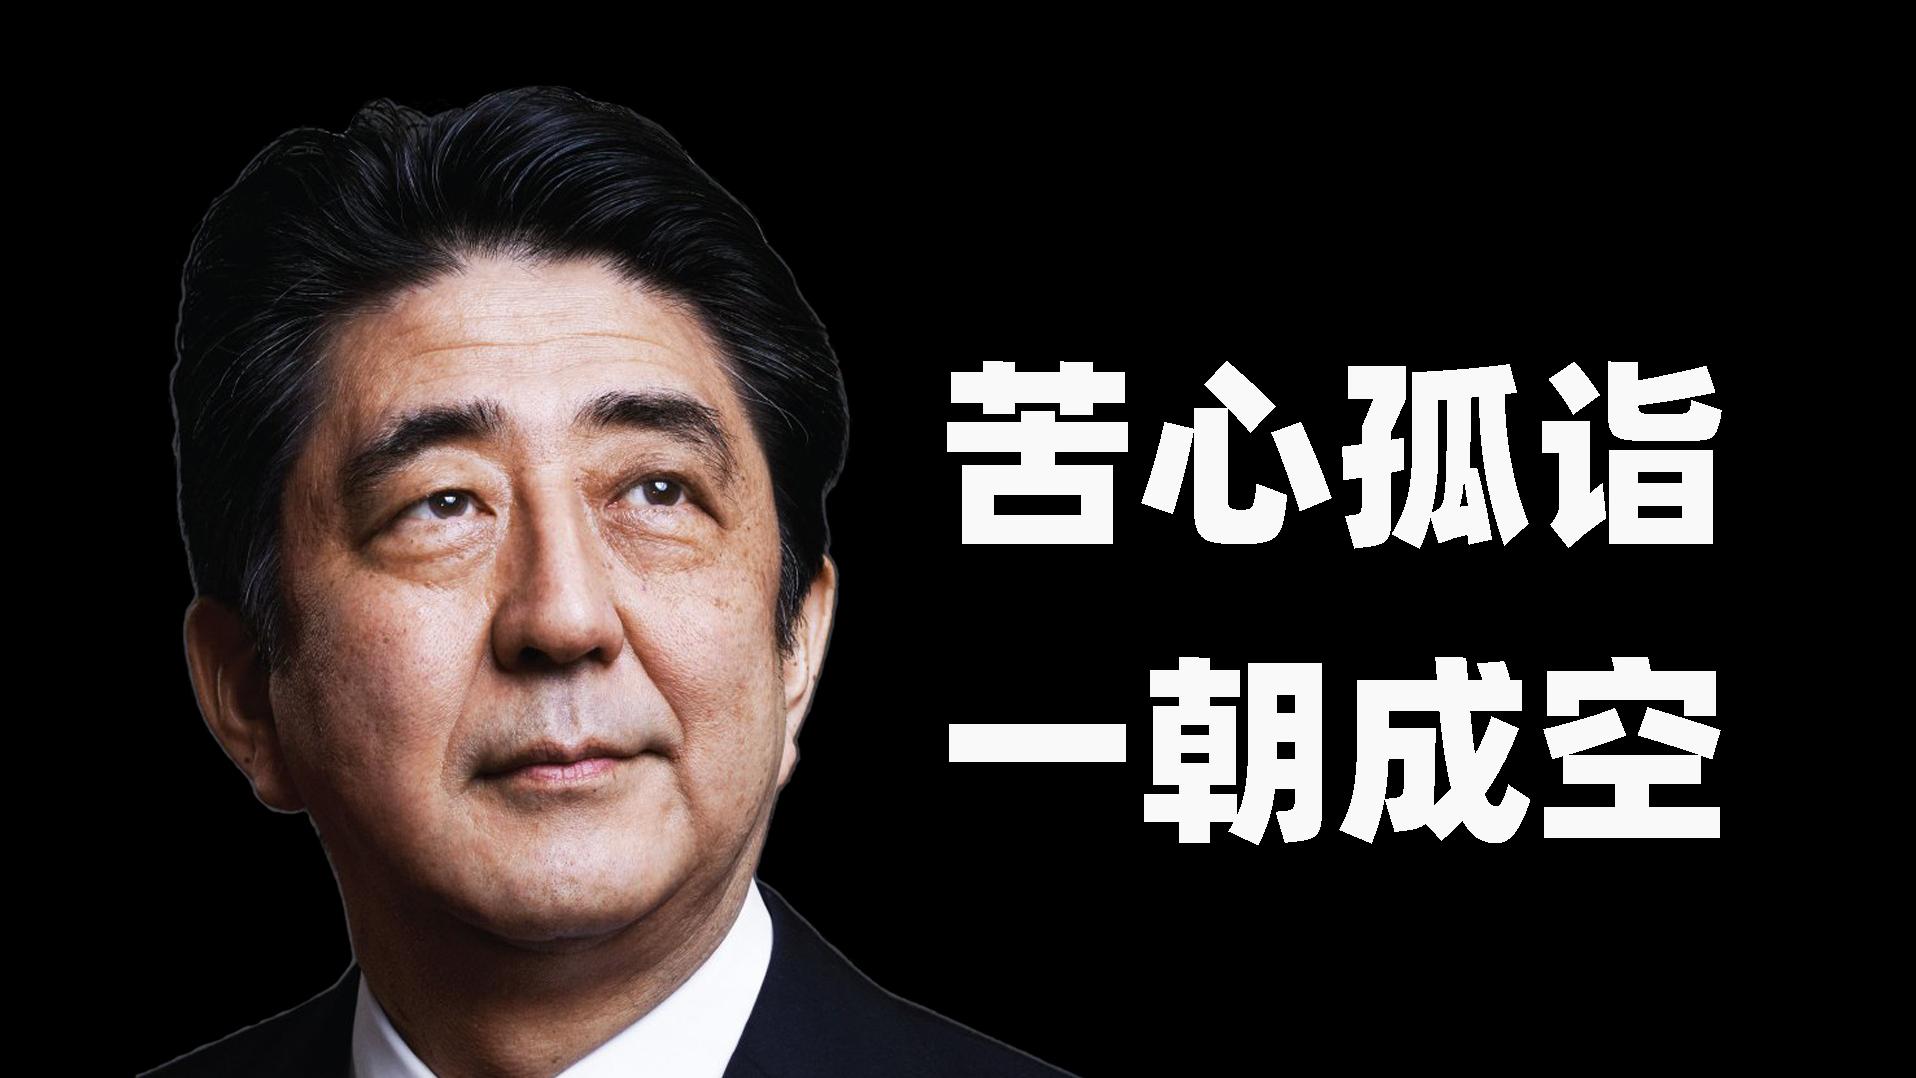 【安倍晋三】七年苦心经营一朝破灭,日本安倍时代宣告结束